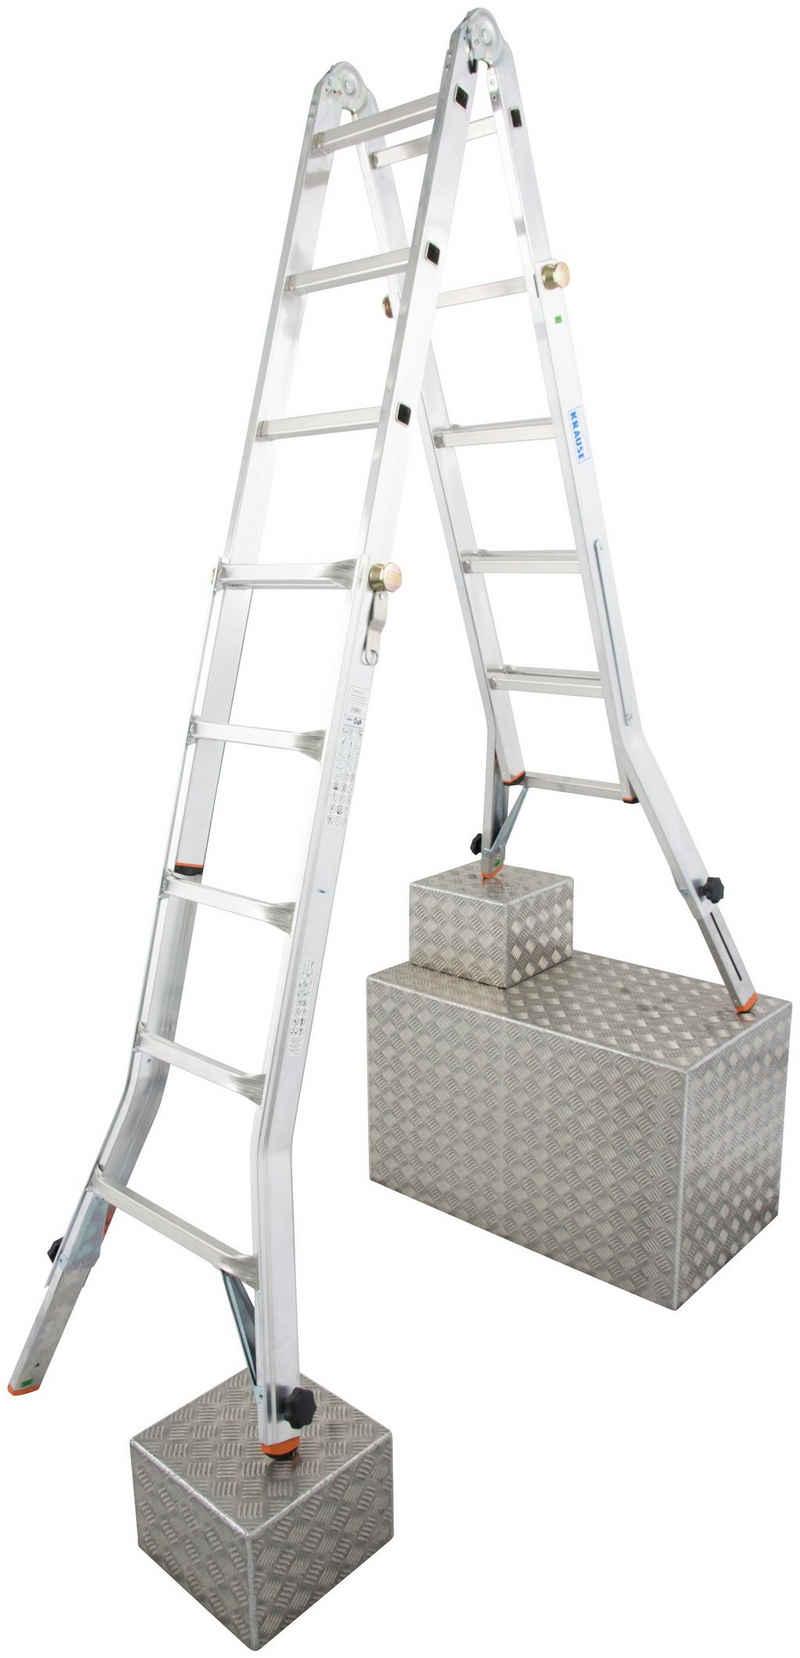 KRAUSE Gelenkleiter »TeleVario«, Alu, 4x5 Sprossen, Arbeitshöhe ca. 606 cm